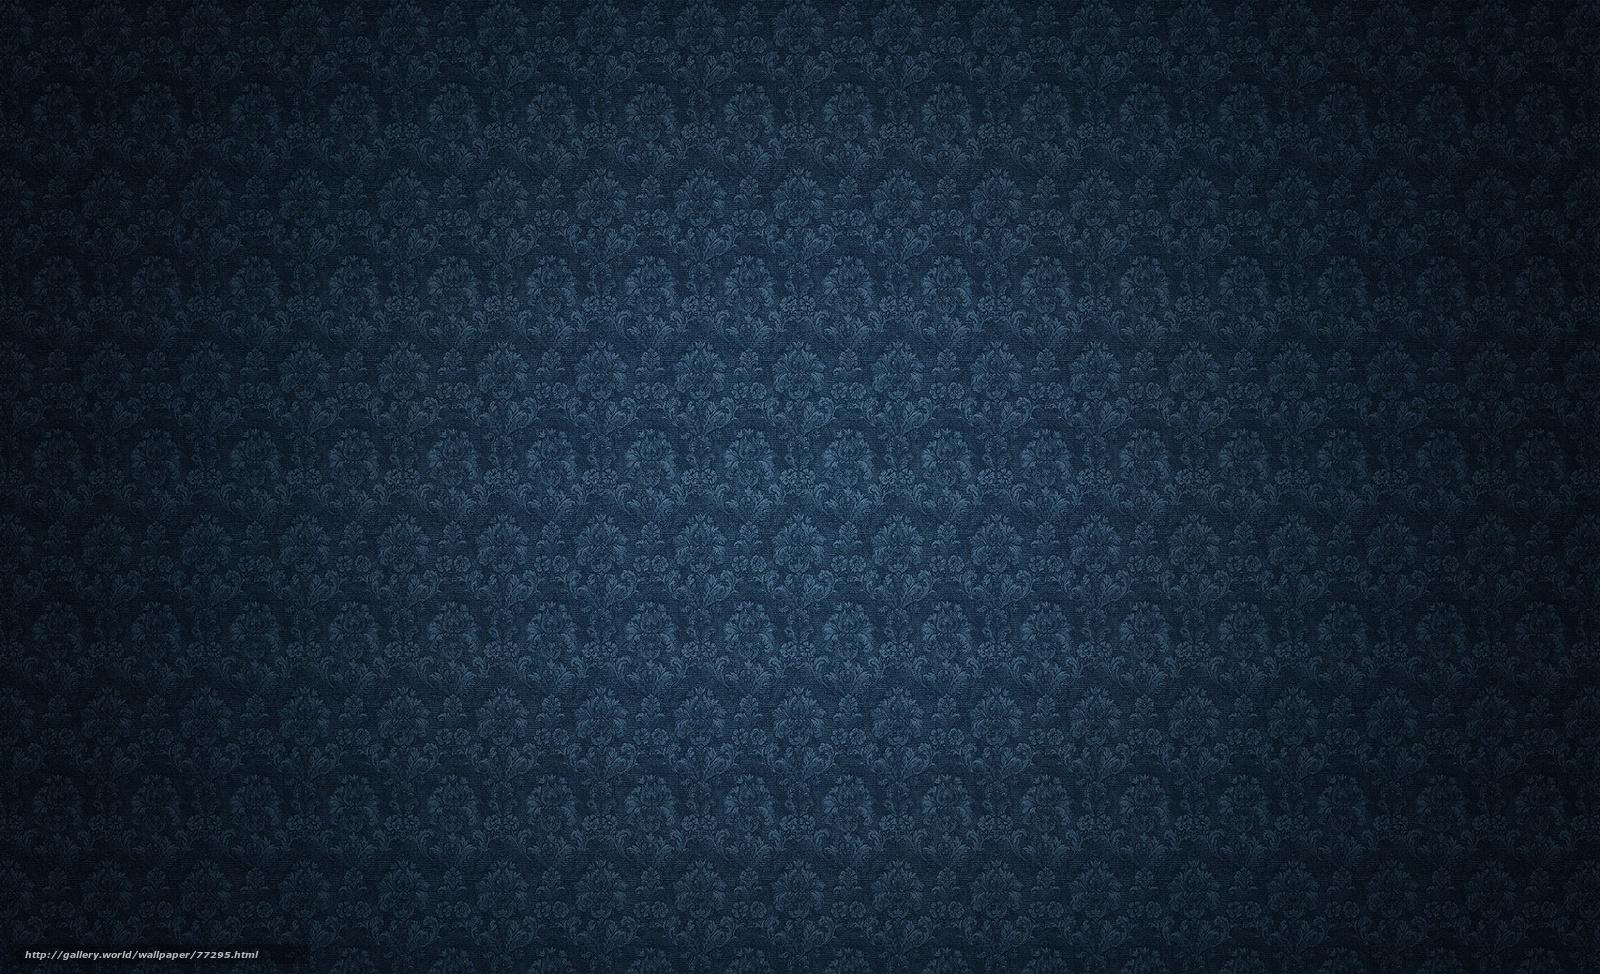 Tlcharger Fond d'ecran Textures, papier peint, fond, bleu Fonds d'ecran gratuits pour votre ...